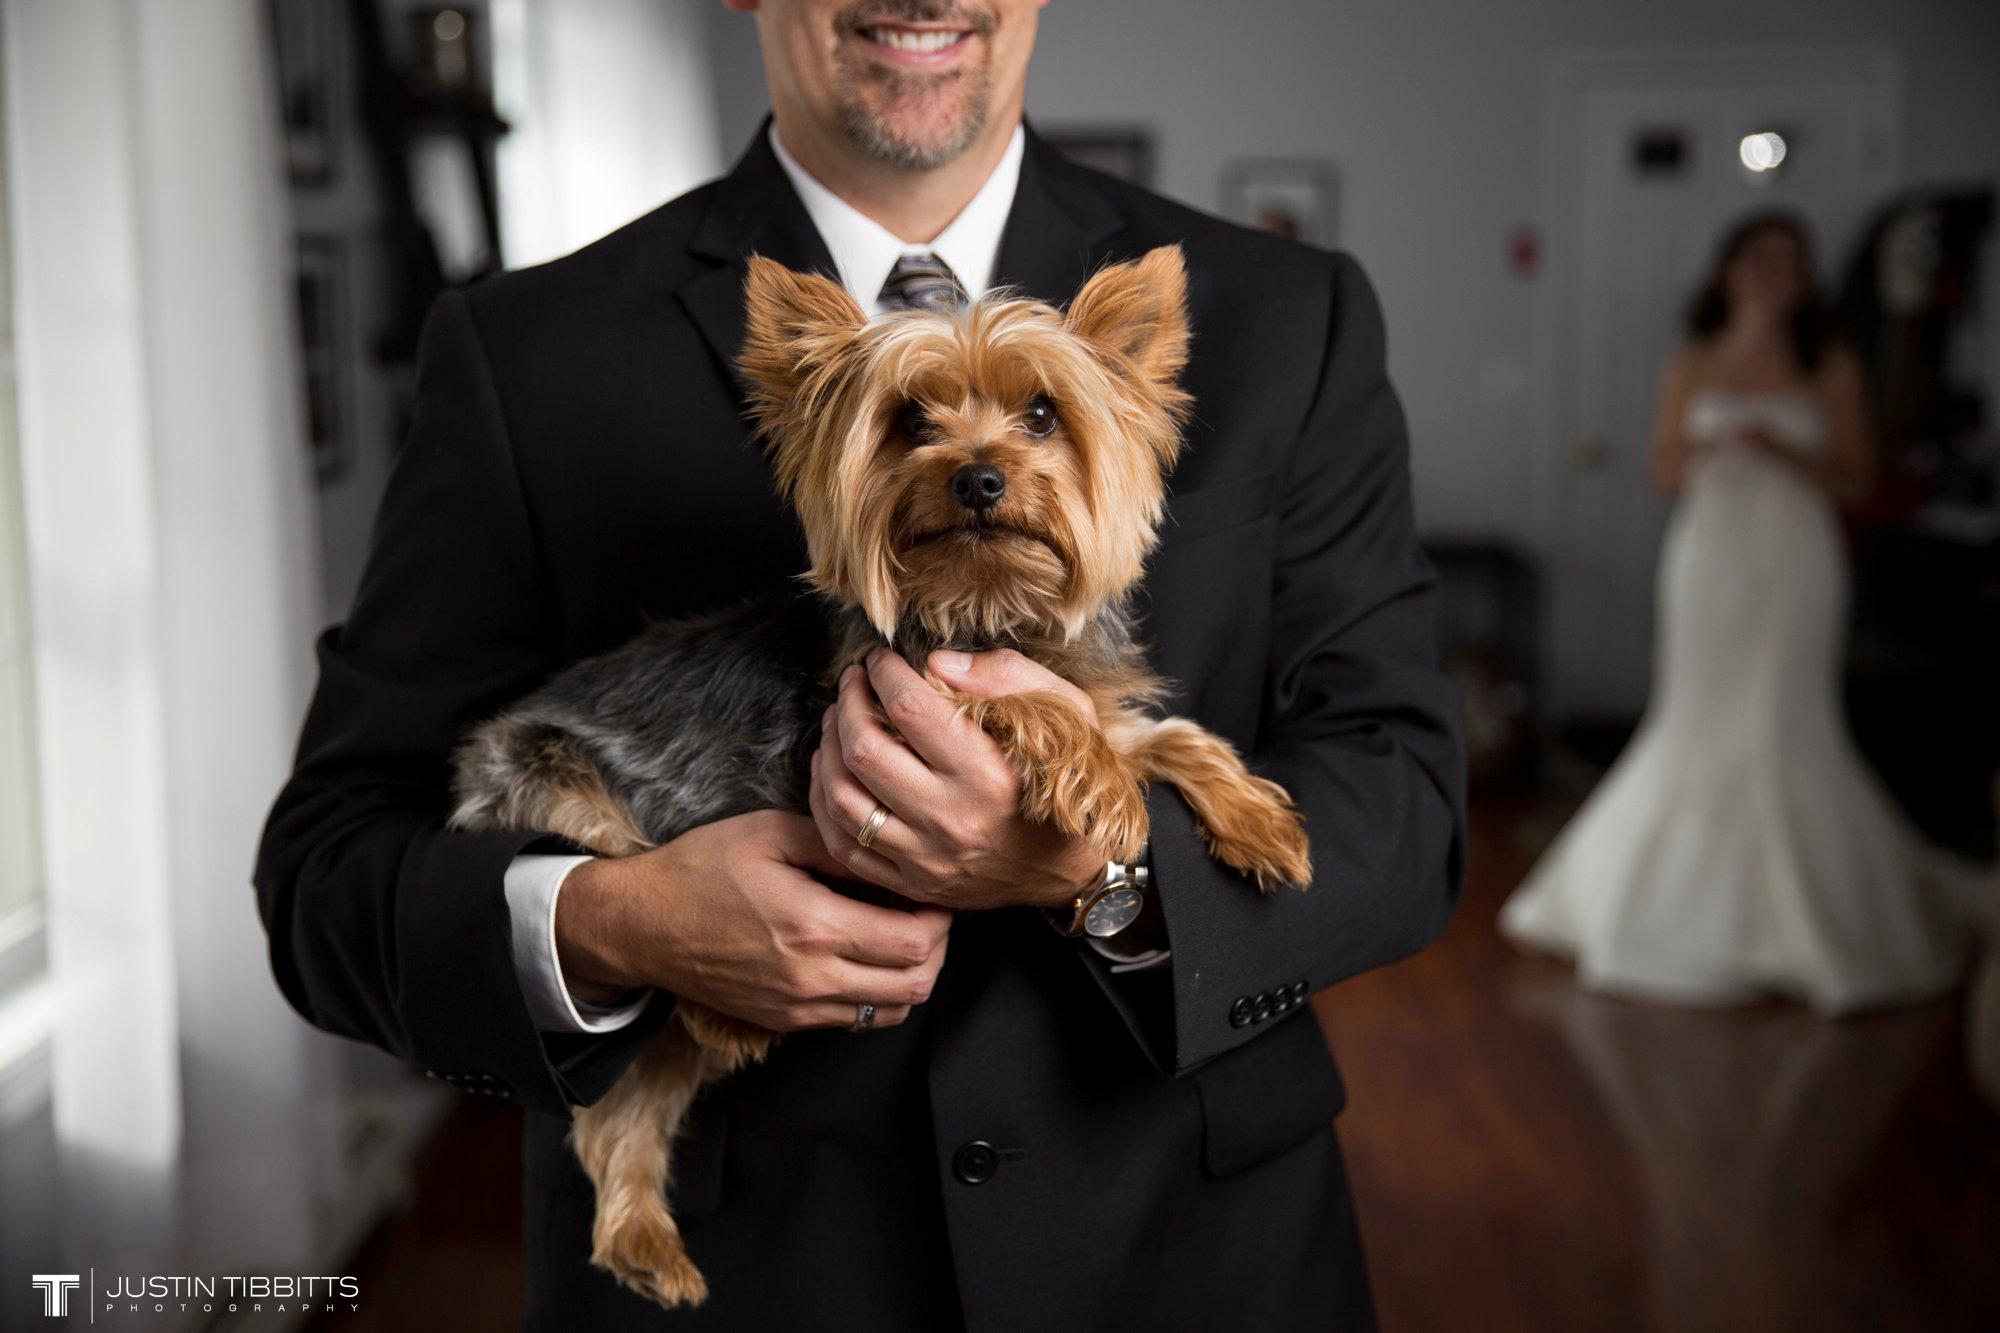 Justin Tibbitts Photography Rob and Brittany's Averill Park, NY Wedding_0361